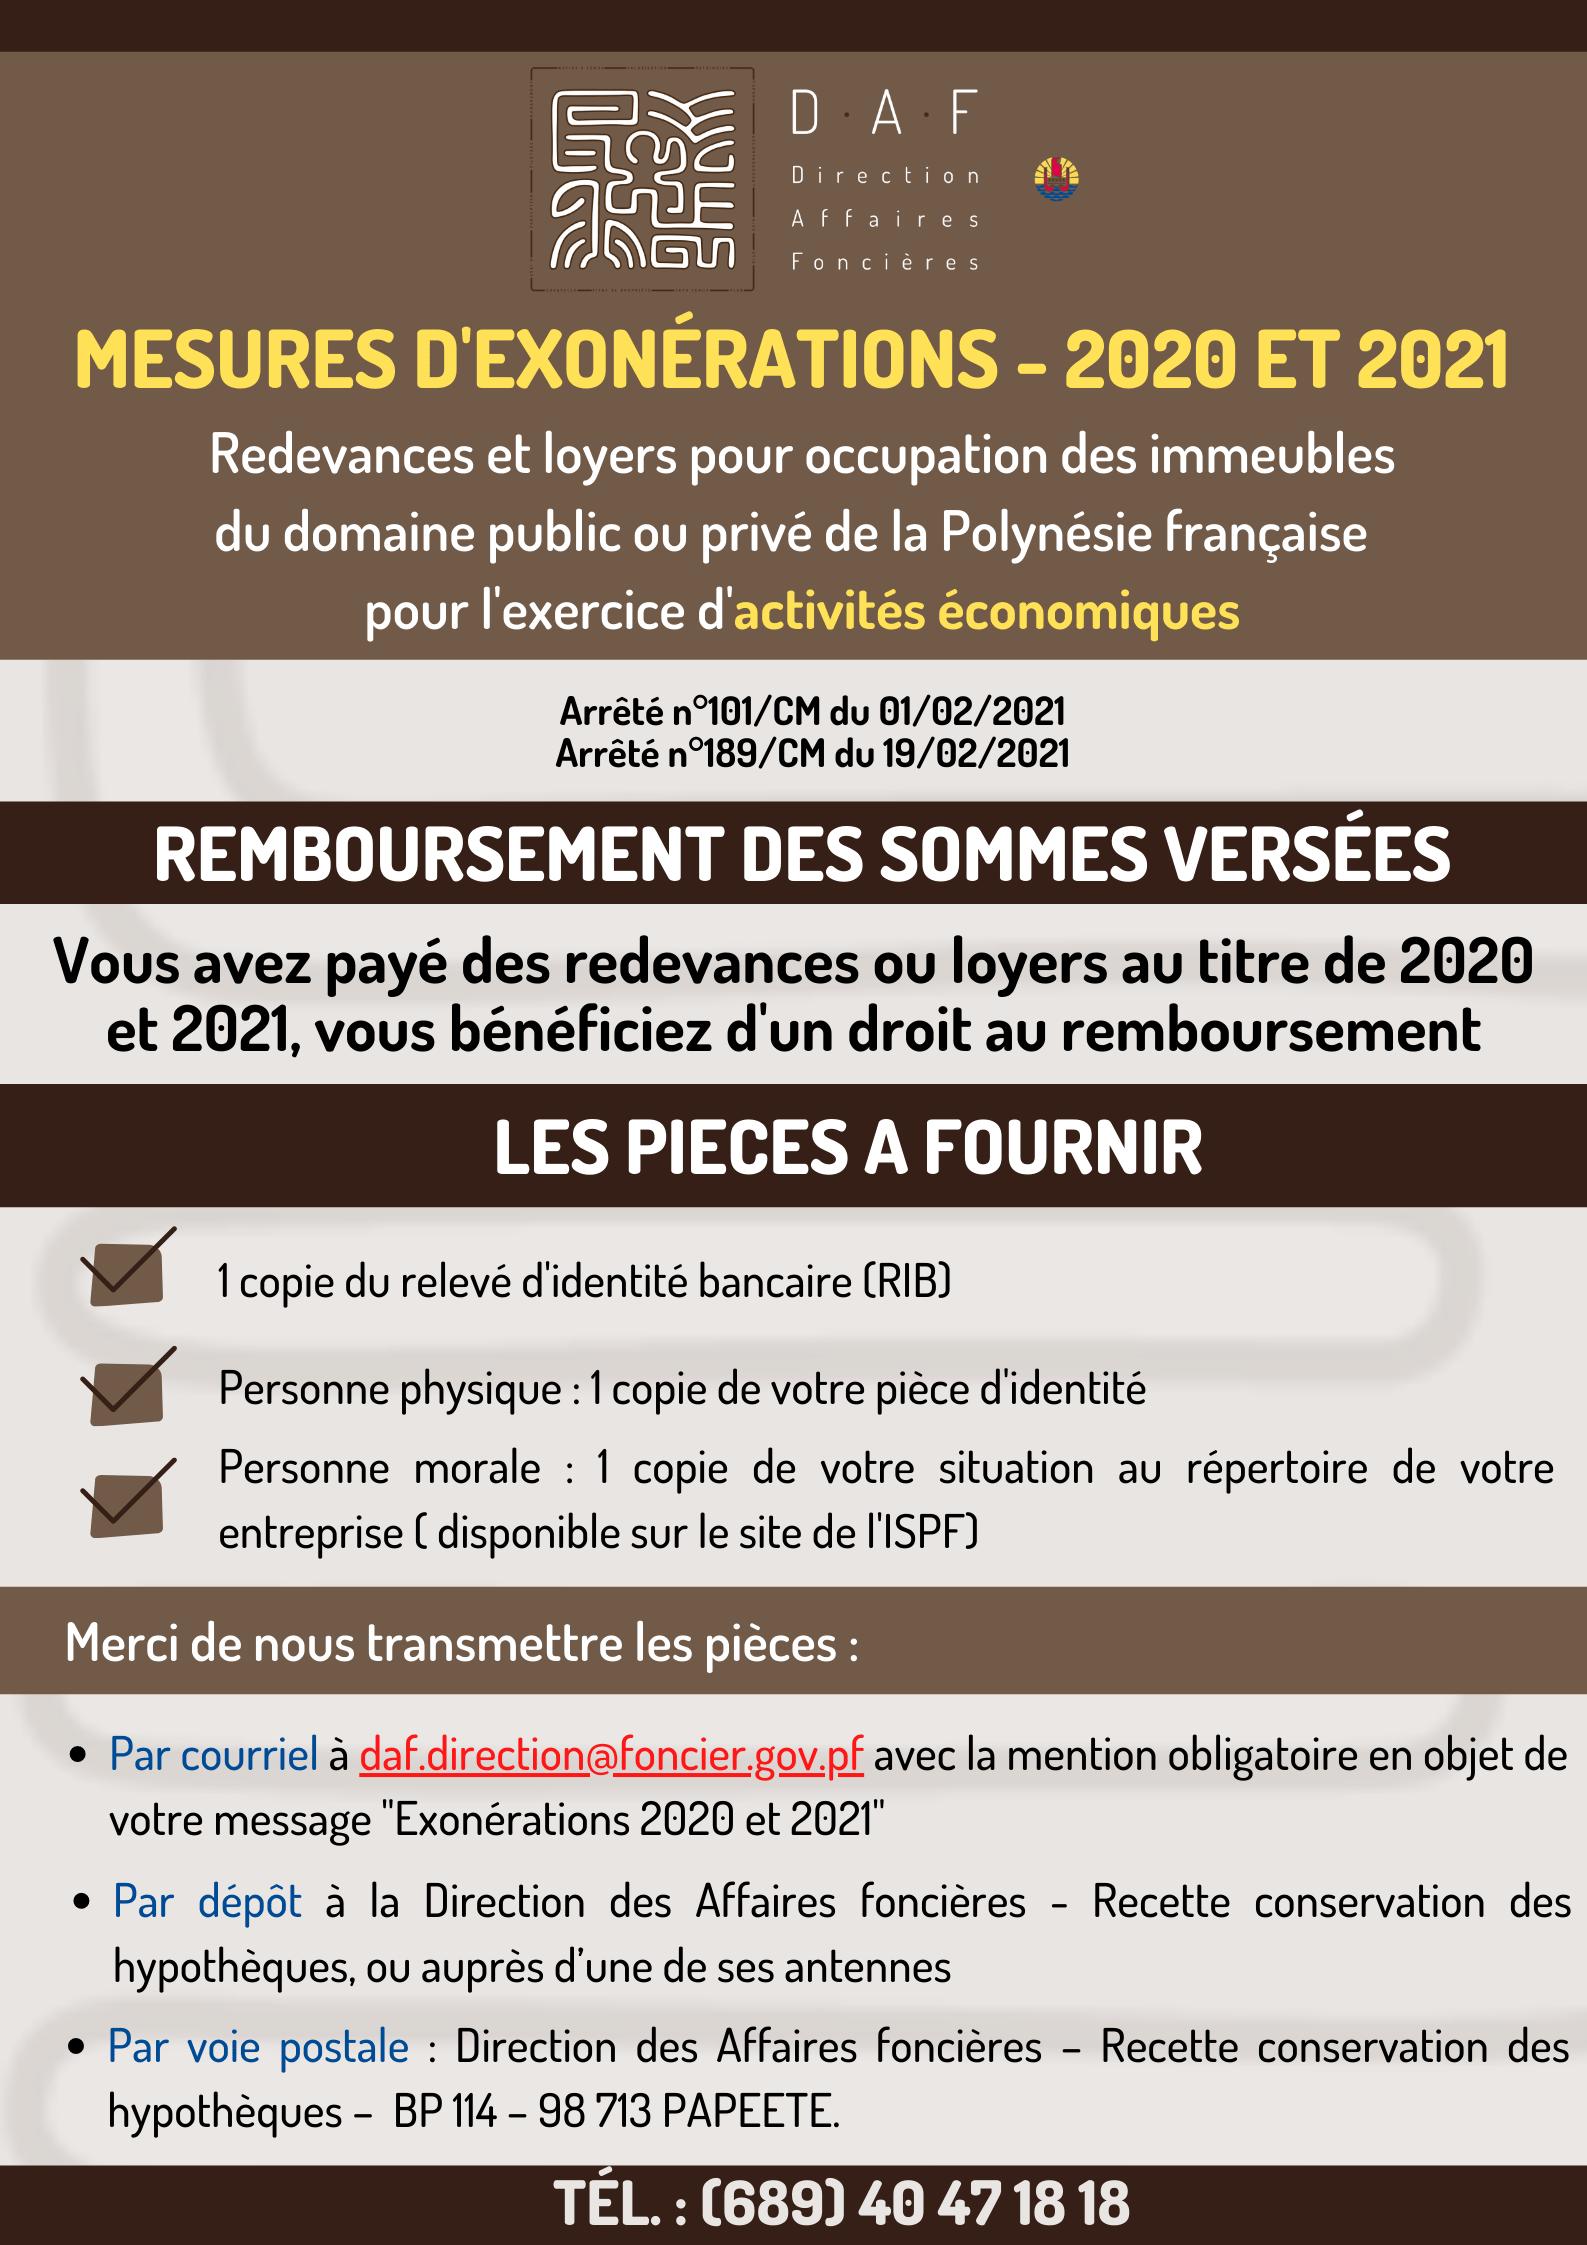 MESURES D'EXONÉRATIONS - 2020 ET 2021